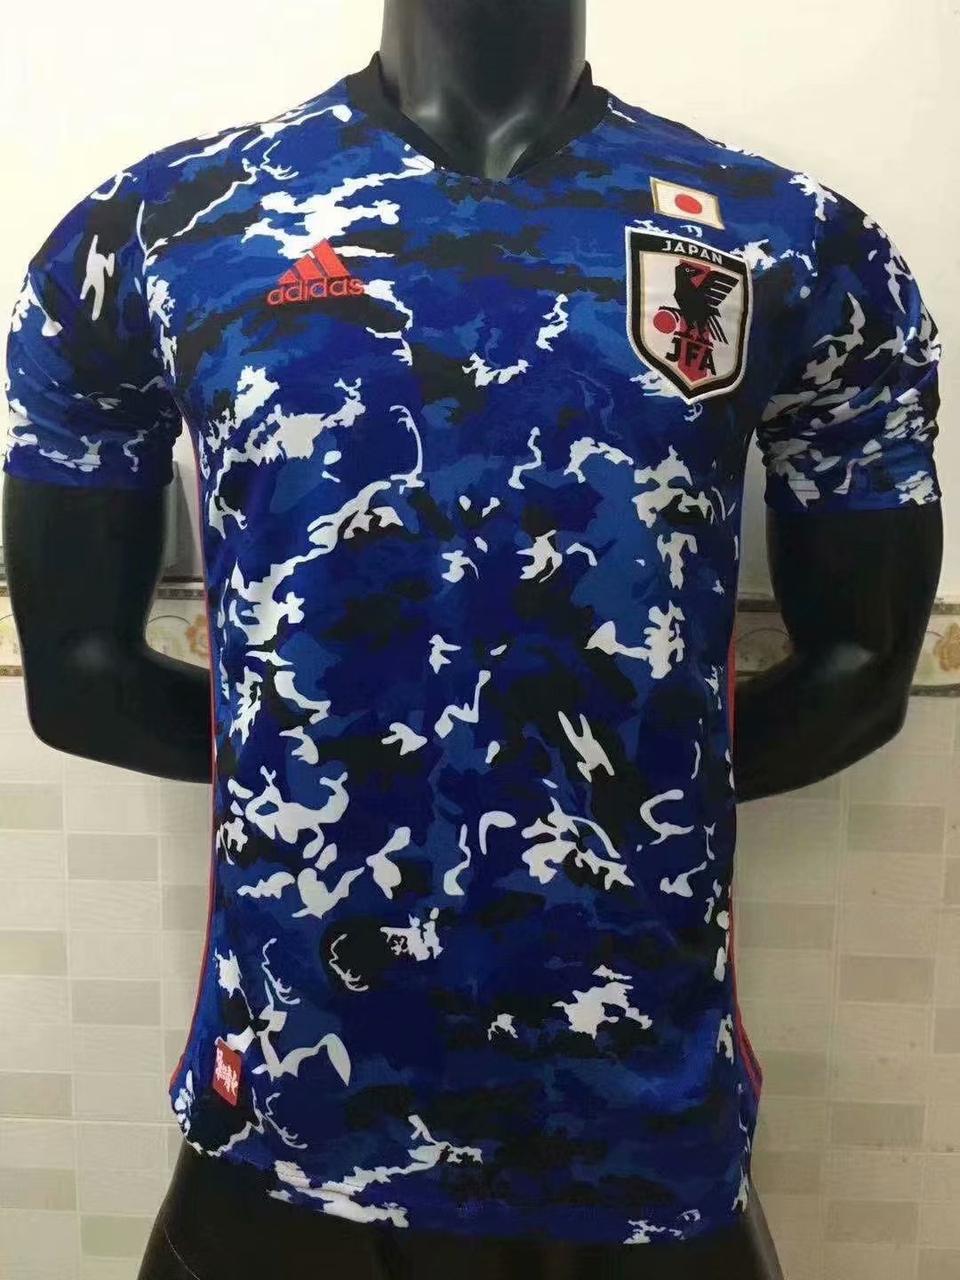 Футбольная футболка сборной Японии, форма 2019-20